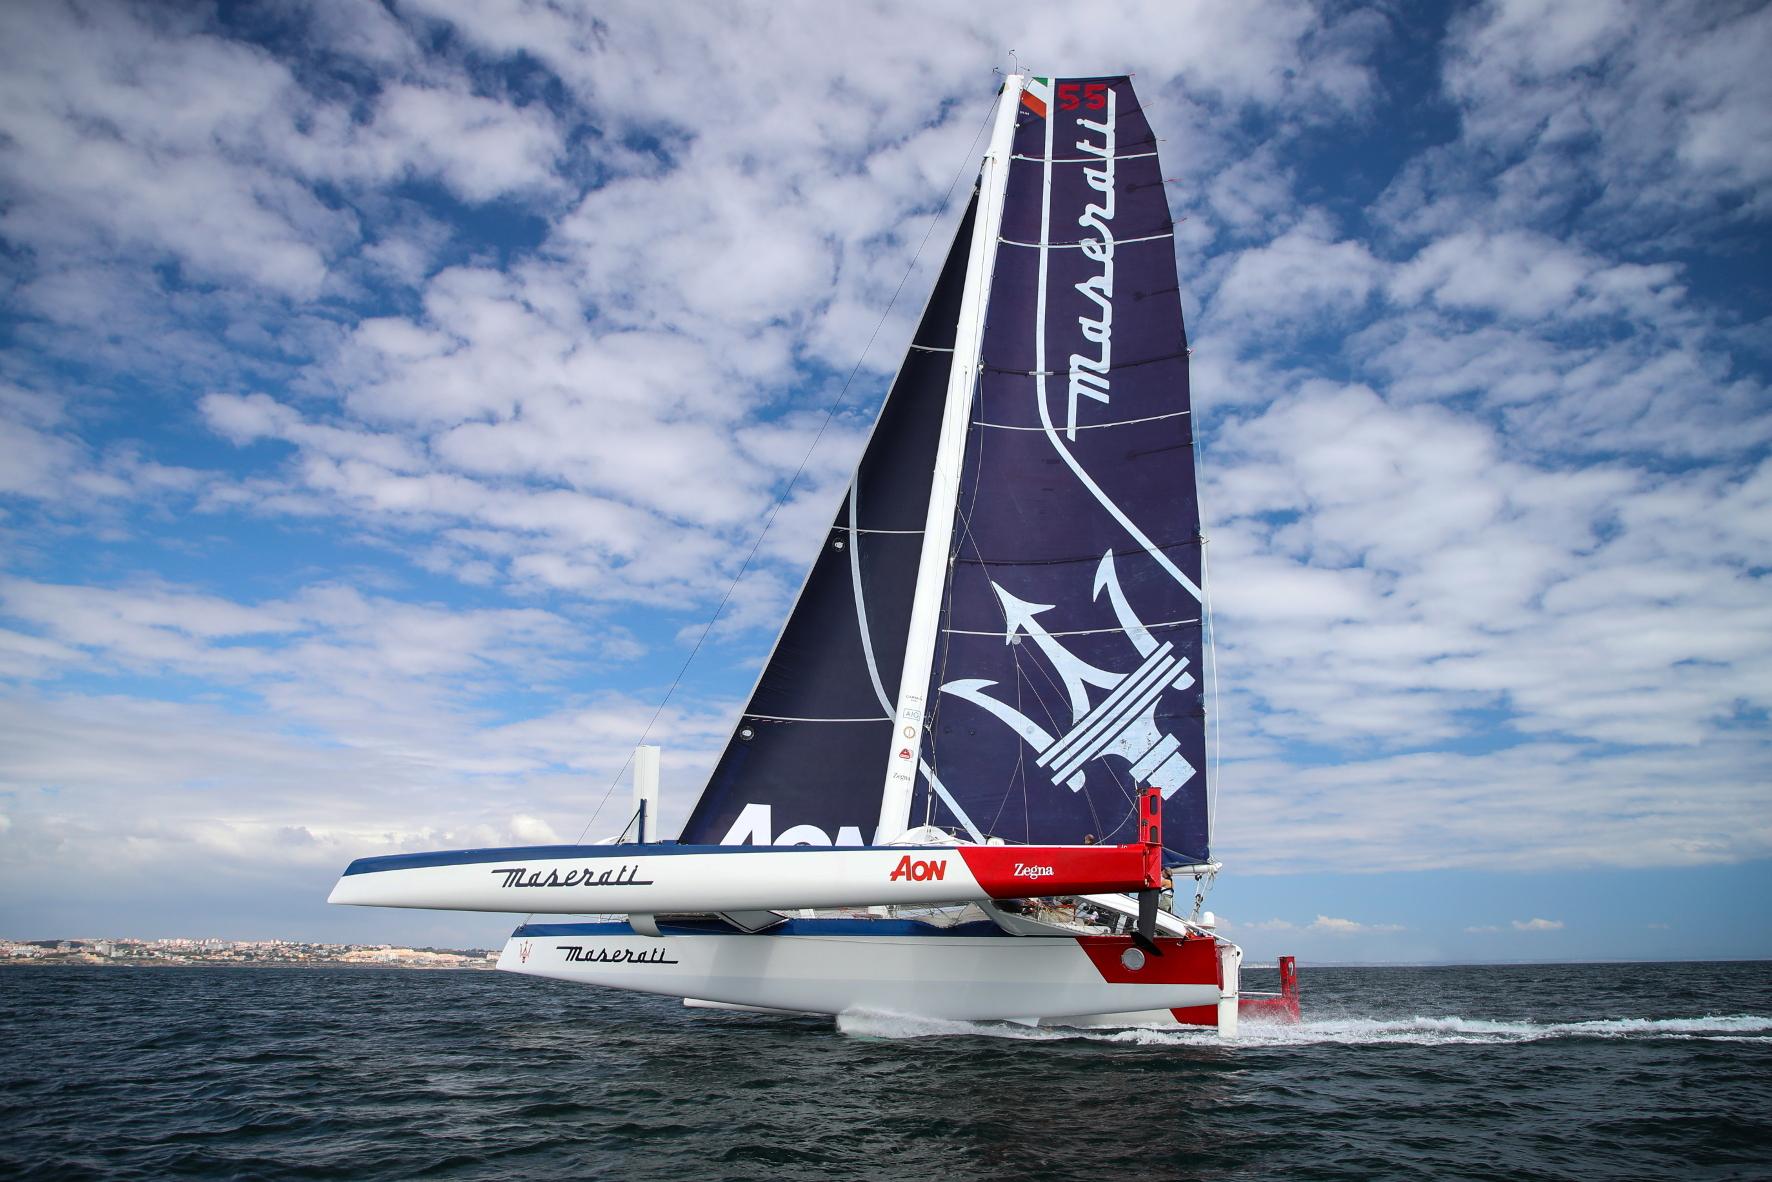 Drive & Sail-Skipper legen immer neue Geschwindigkeitsrekorde zurück